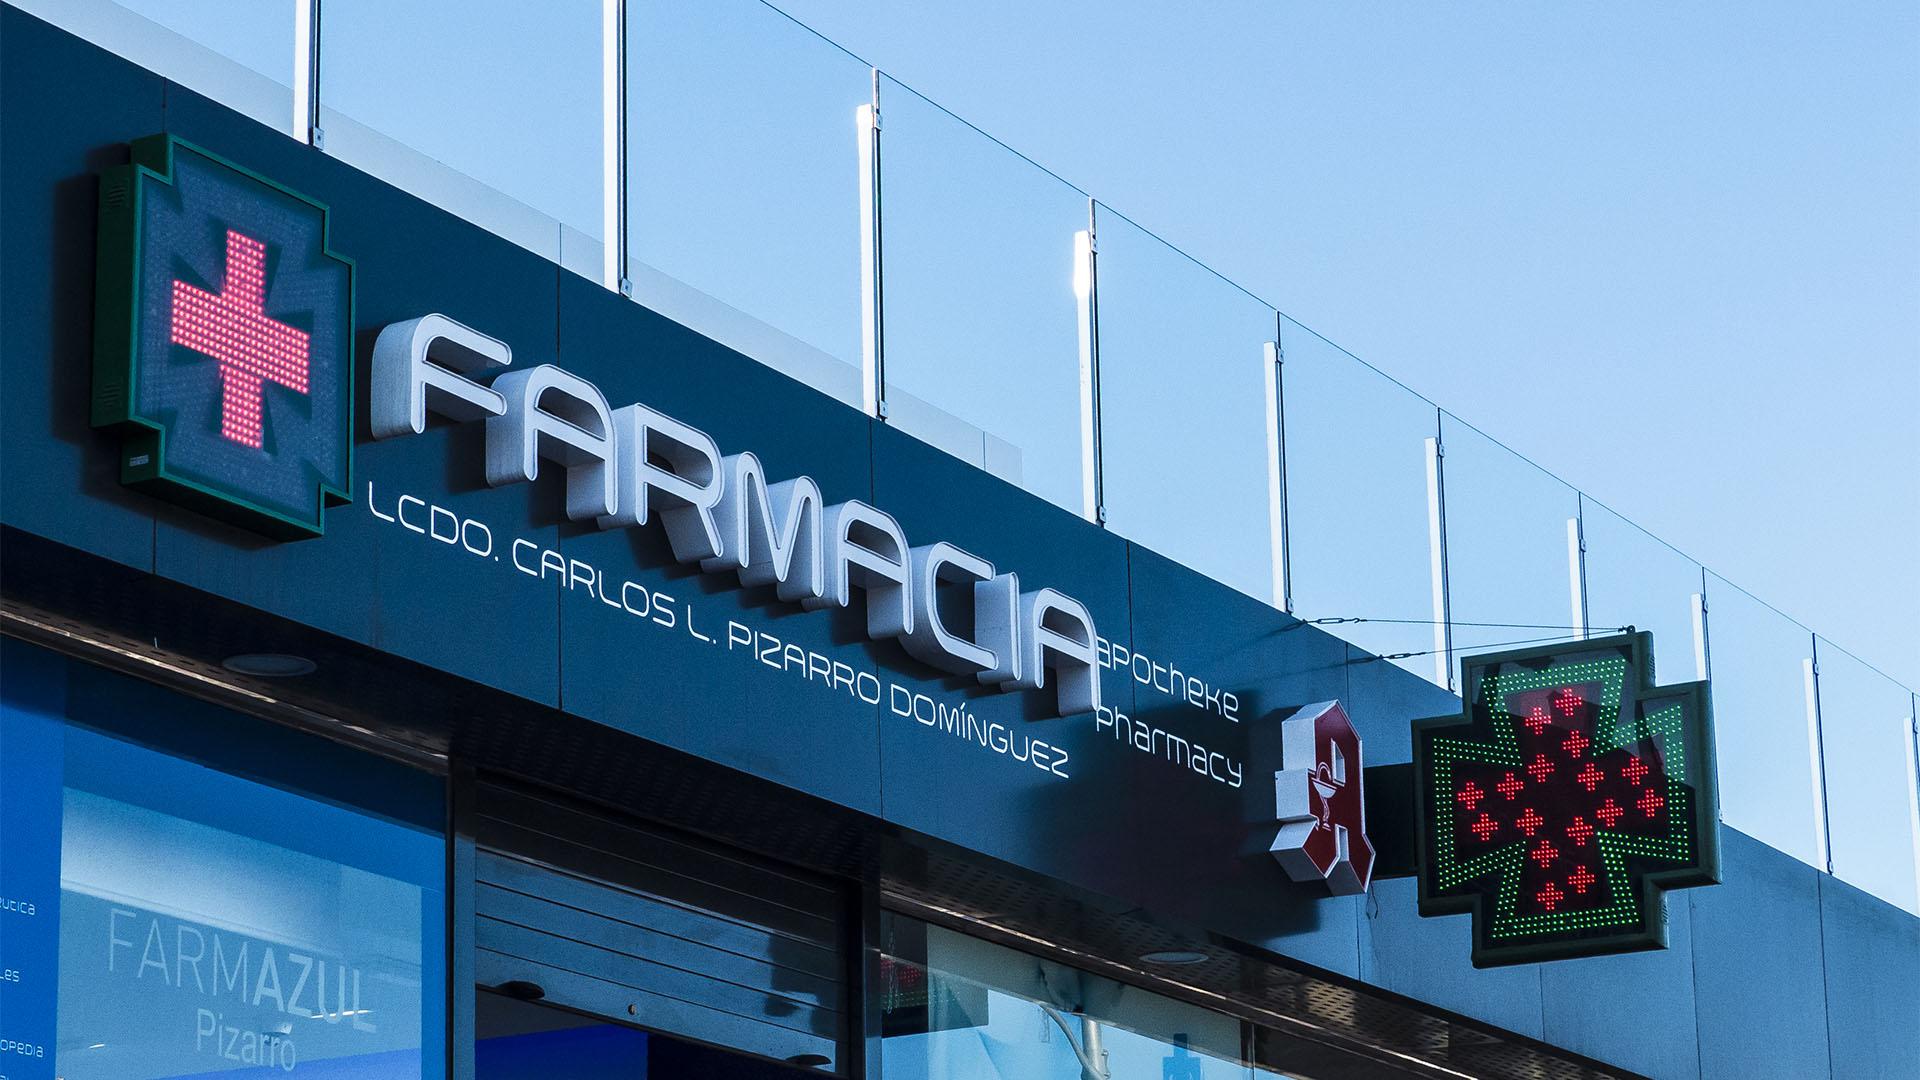 Medizinische Versorgung auf Fuerteventura und das spanische Gesundheitssystem.